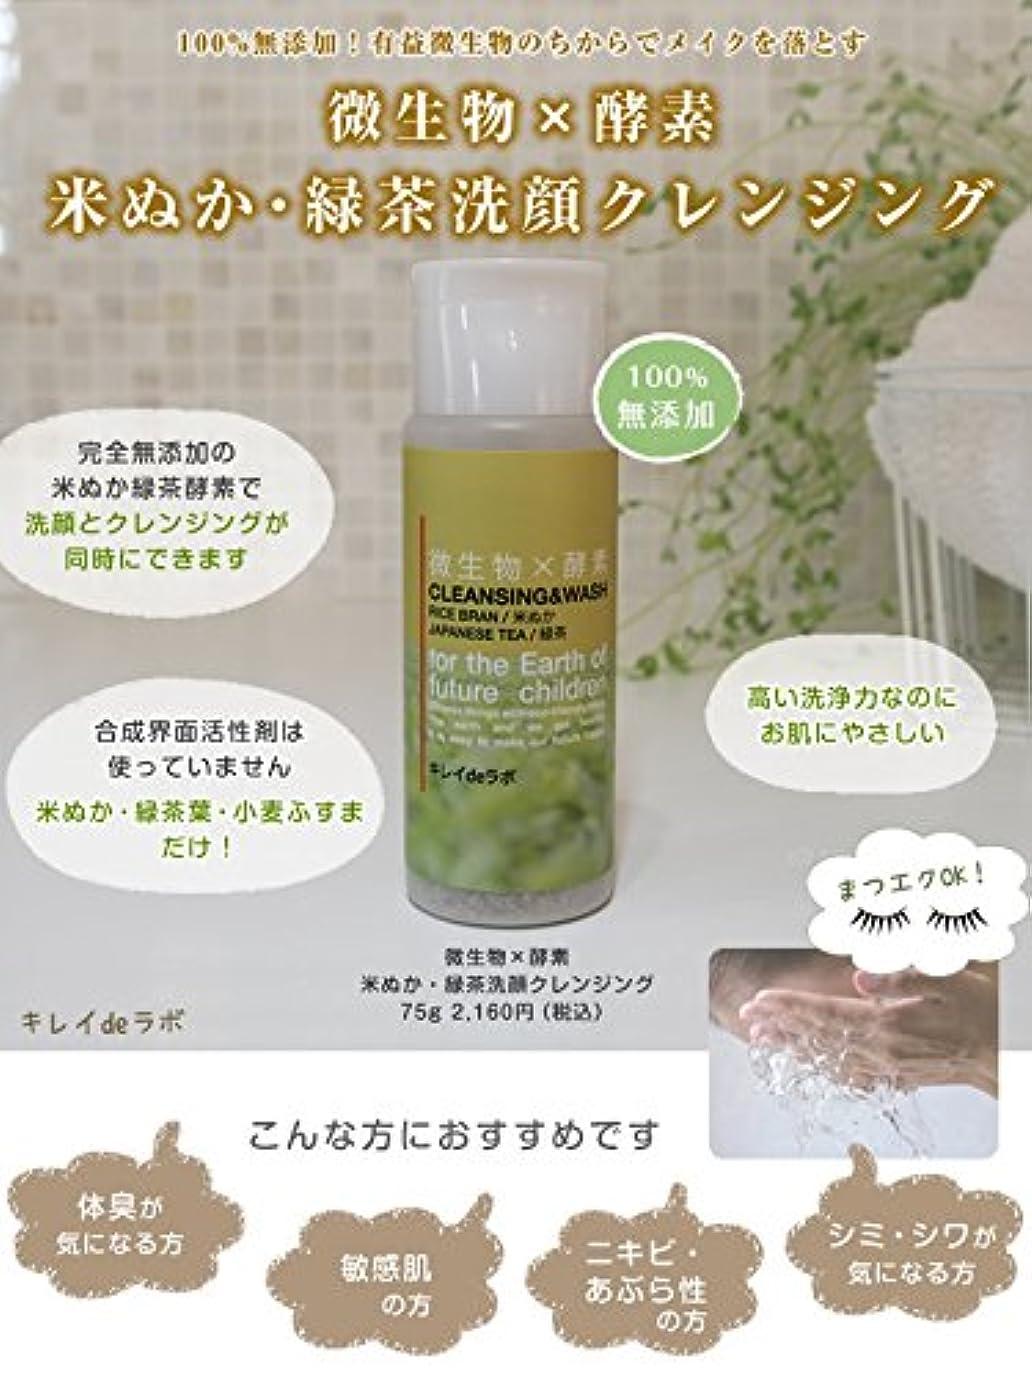 寝てる消化ページ微生物×酵素 米ぬか緑茶洗顔クレンジング100%無添加 マツエクOK … (本体 75g) みんなでみらいを 米ぬか使用